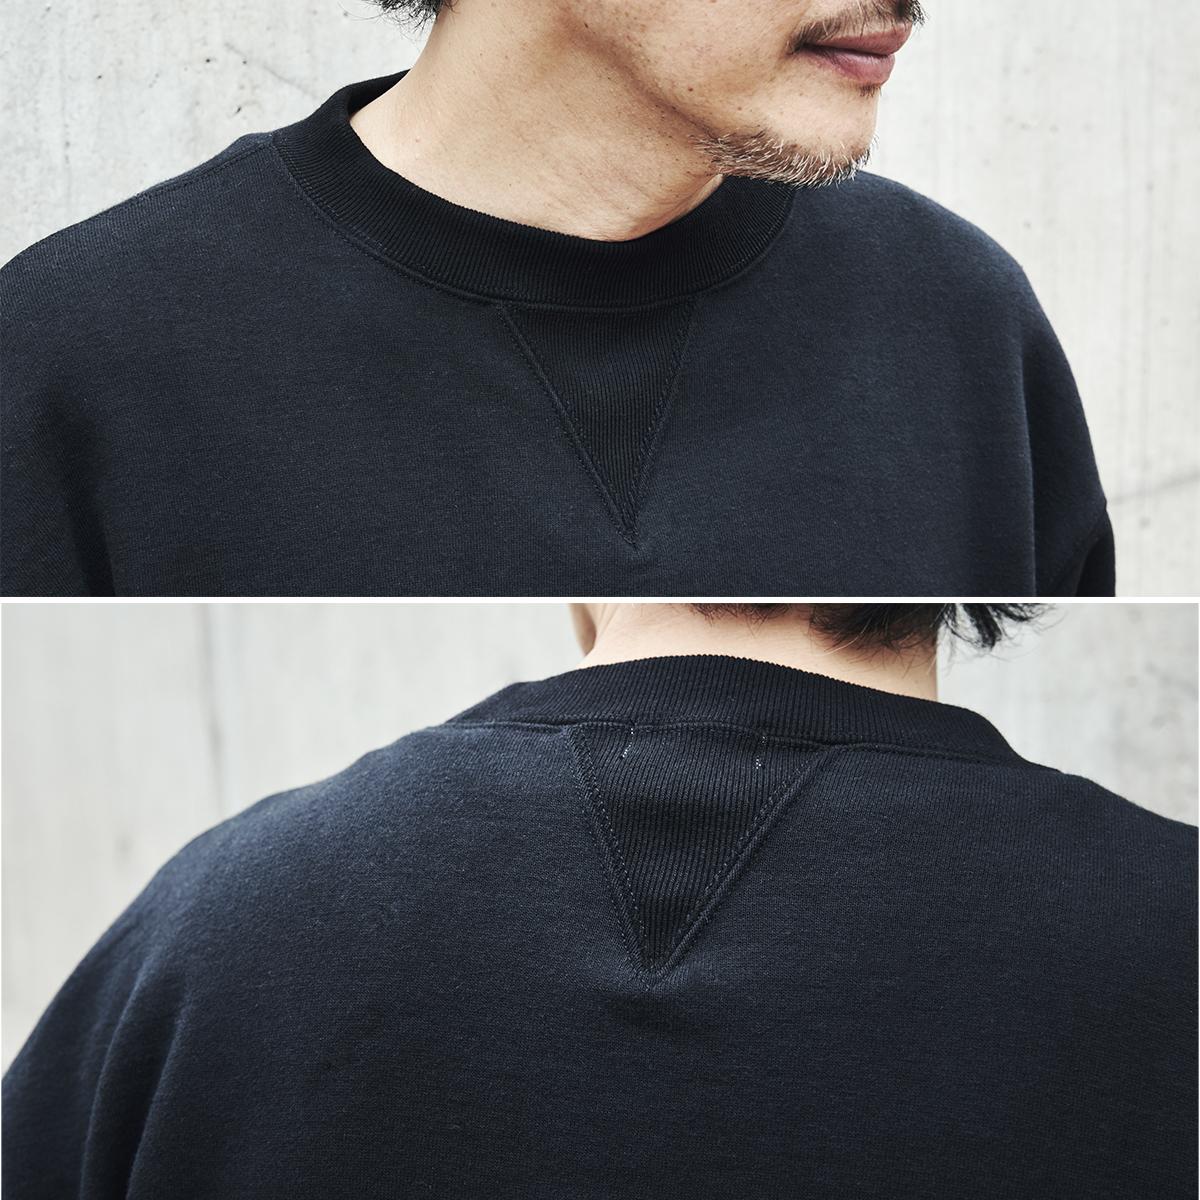 両面V字ガゼット|コレクターが唸る、独自のディテールが魅力。スポルディング社の名作から、現存していない「ブラック」をMade in Japanで「トレーニングシャツ」|A.G. Spalding & Bros